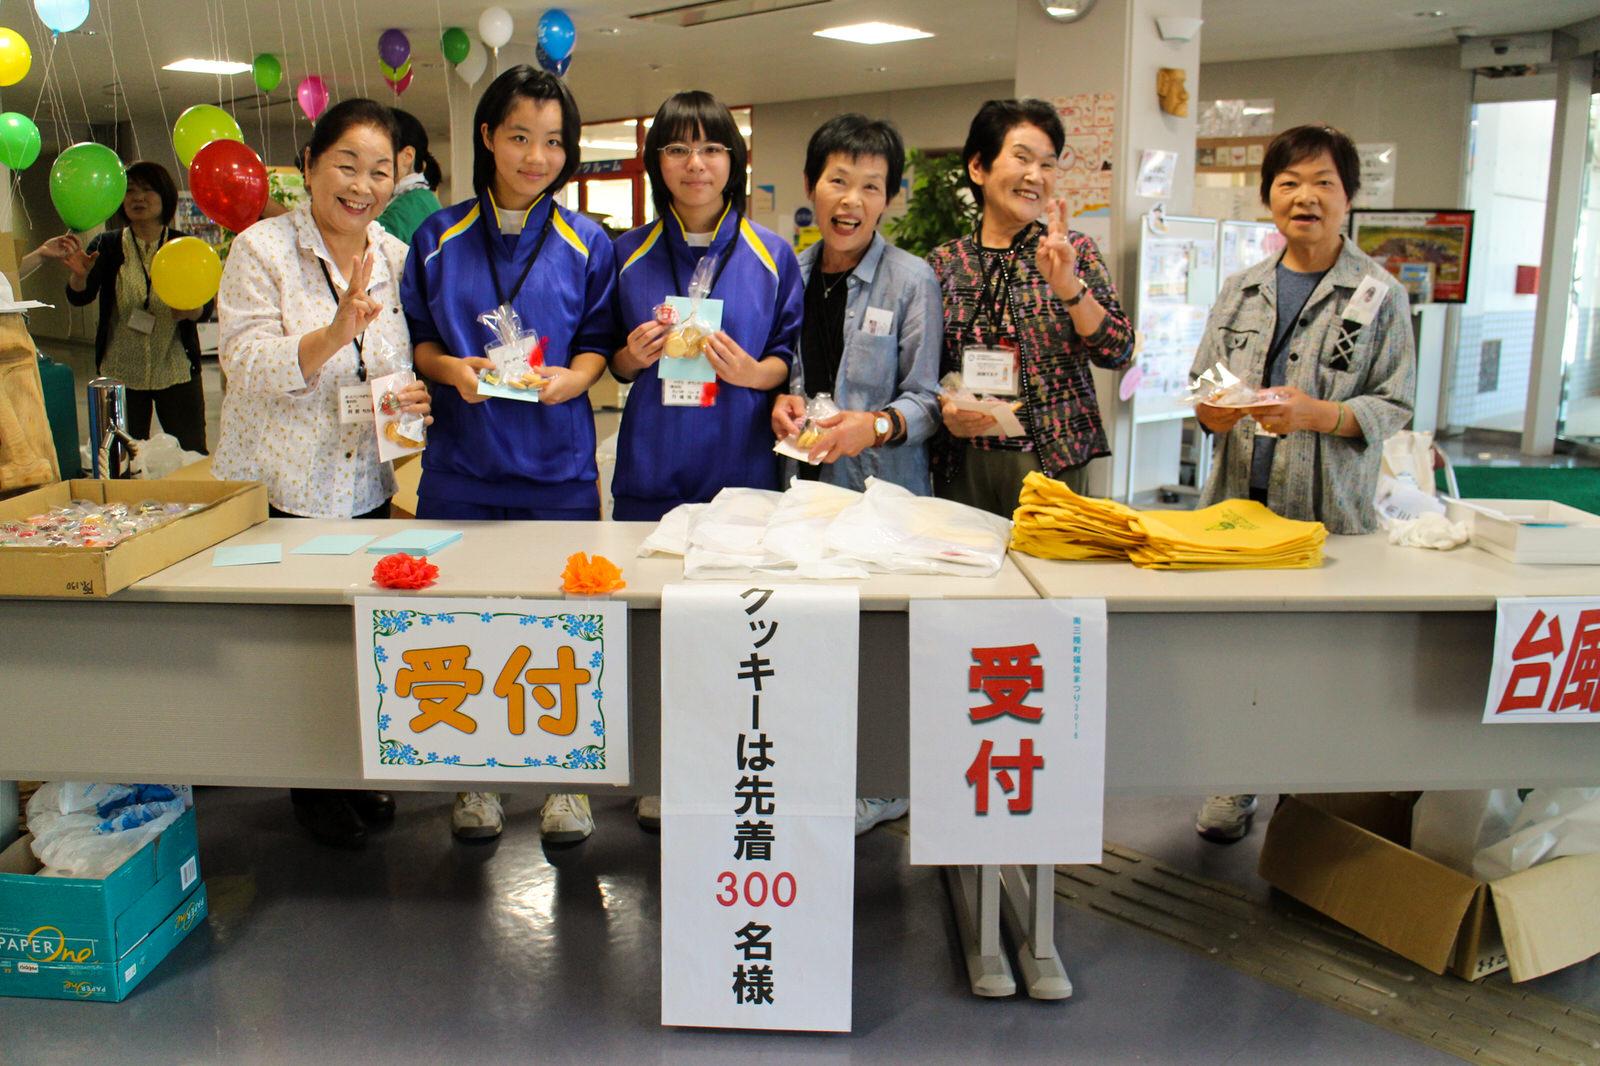 入り口では地元のキレイどころがお出迎え!志津川中学校からのボランティアも大活躍!